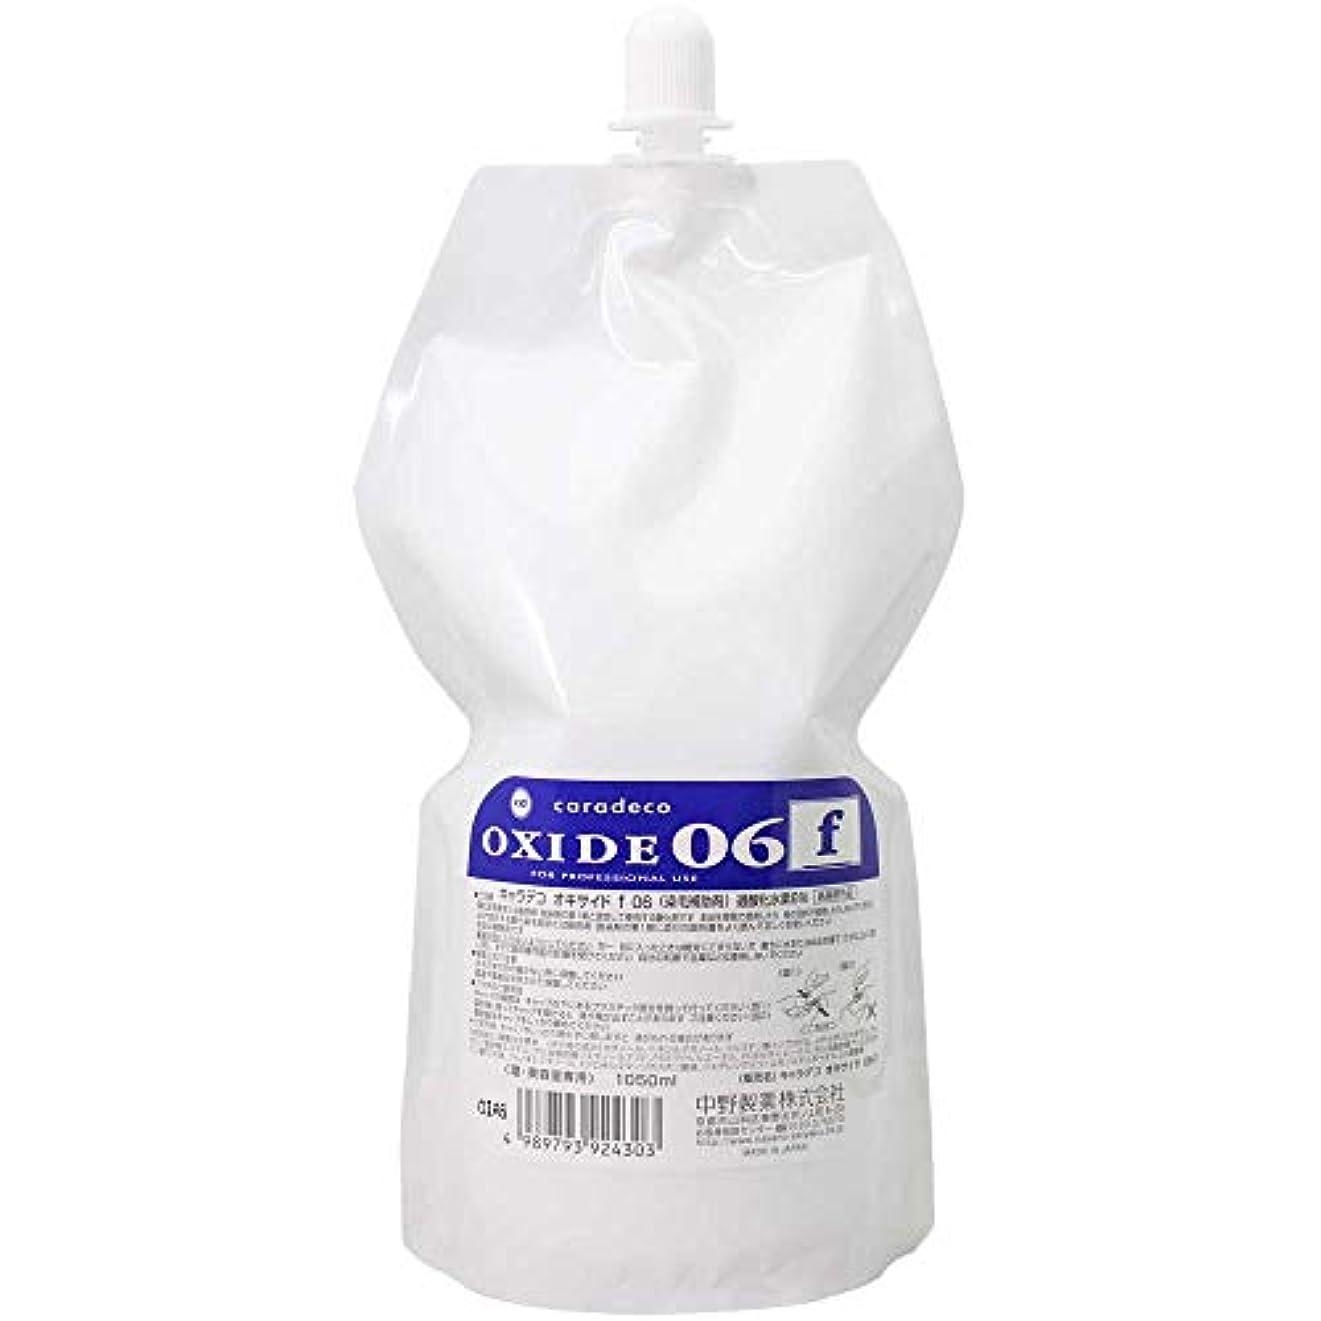 鋼パッド見かけ上【ナカノ】キャラデコ オキサイドf 06 第2剤 (過酸化水素6%) 1050ml